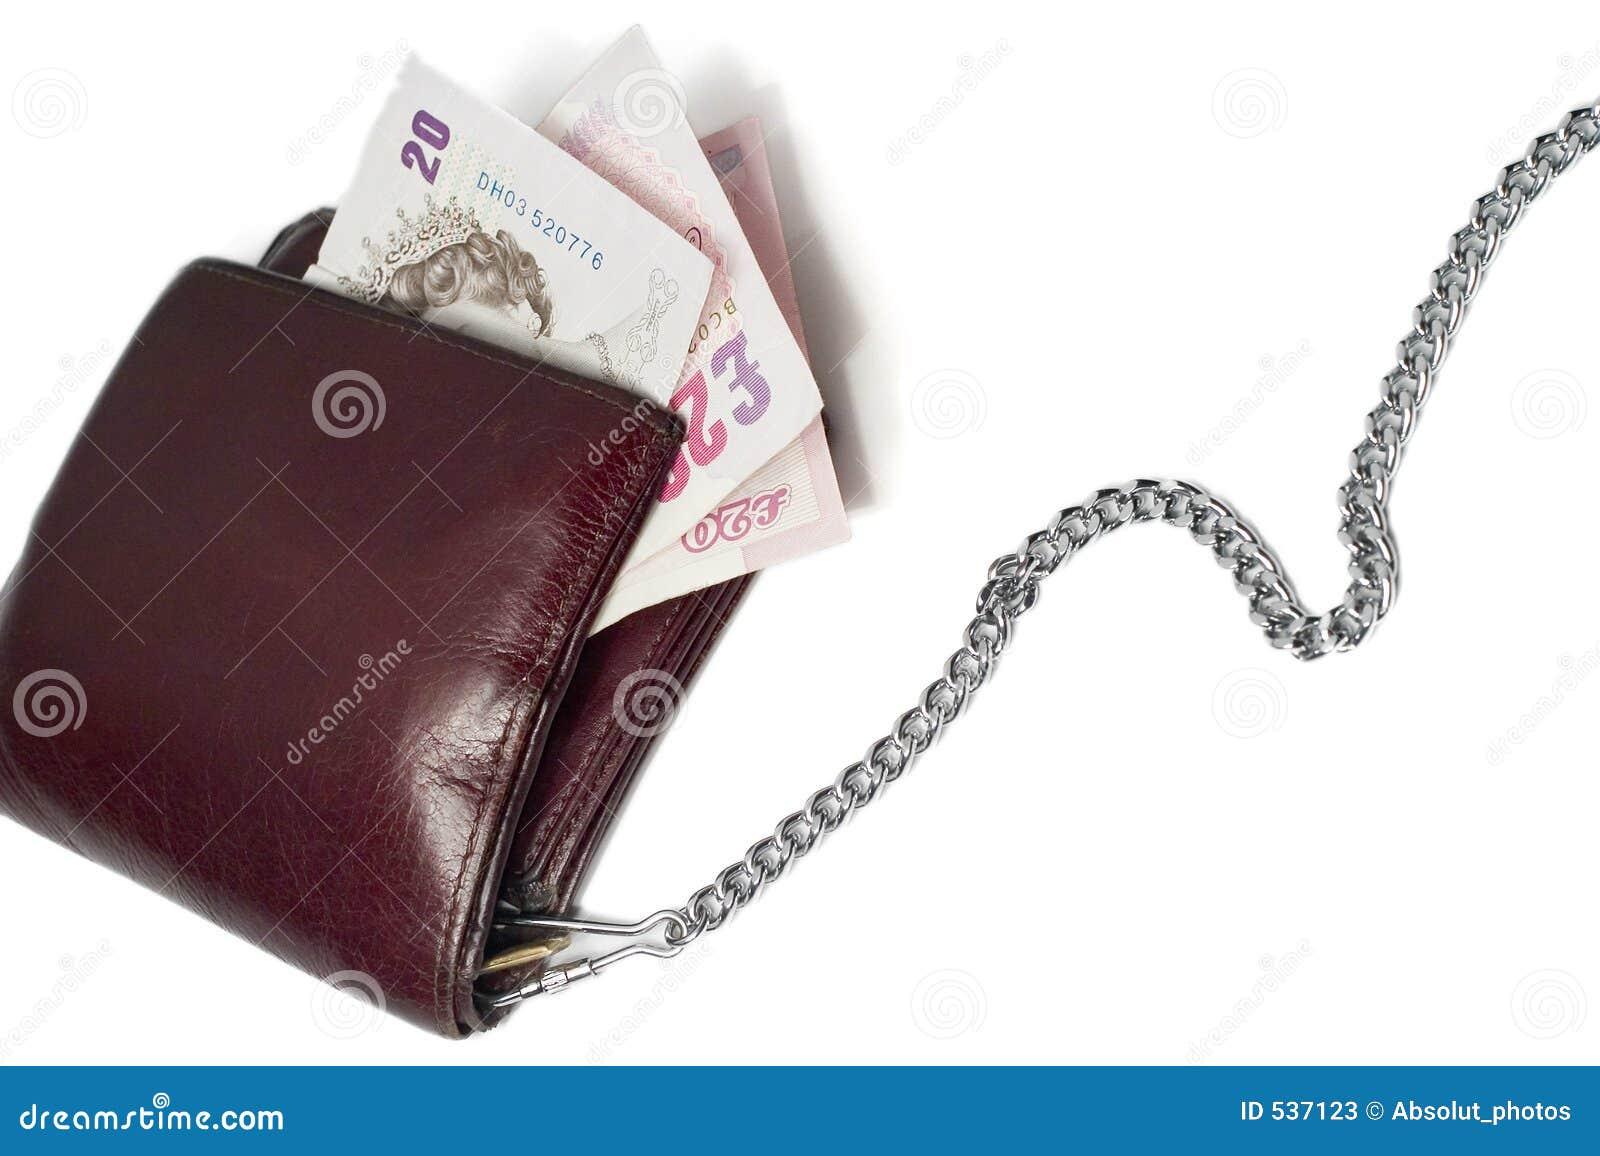 Download 镑二十 库存图片. 图片 包括有 广告牌, 皮革, 财务, 班珠尔, 安全性, britney, 招标, 组织 - 537123